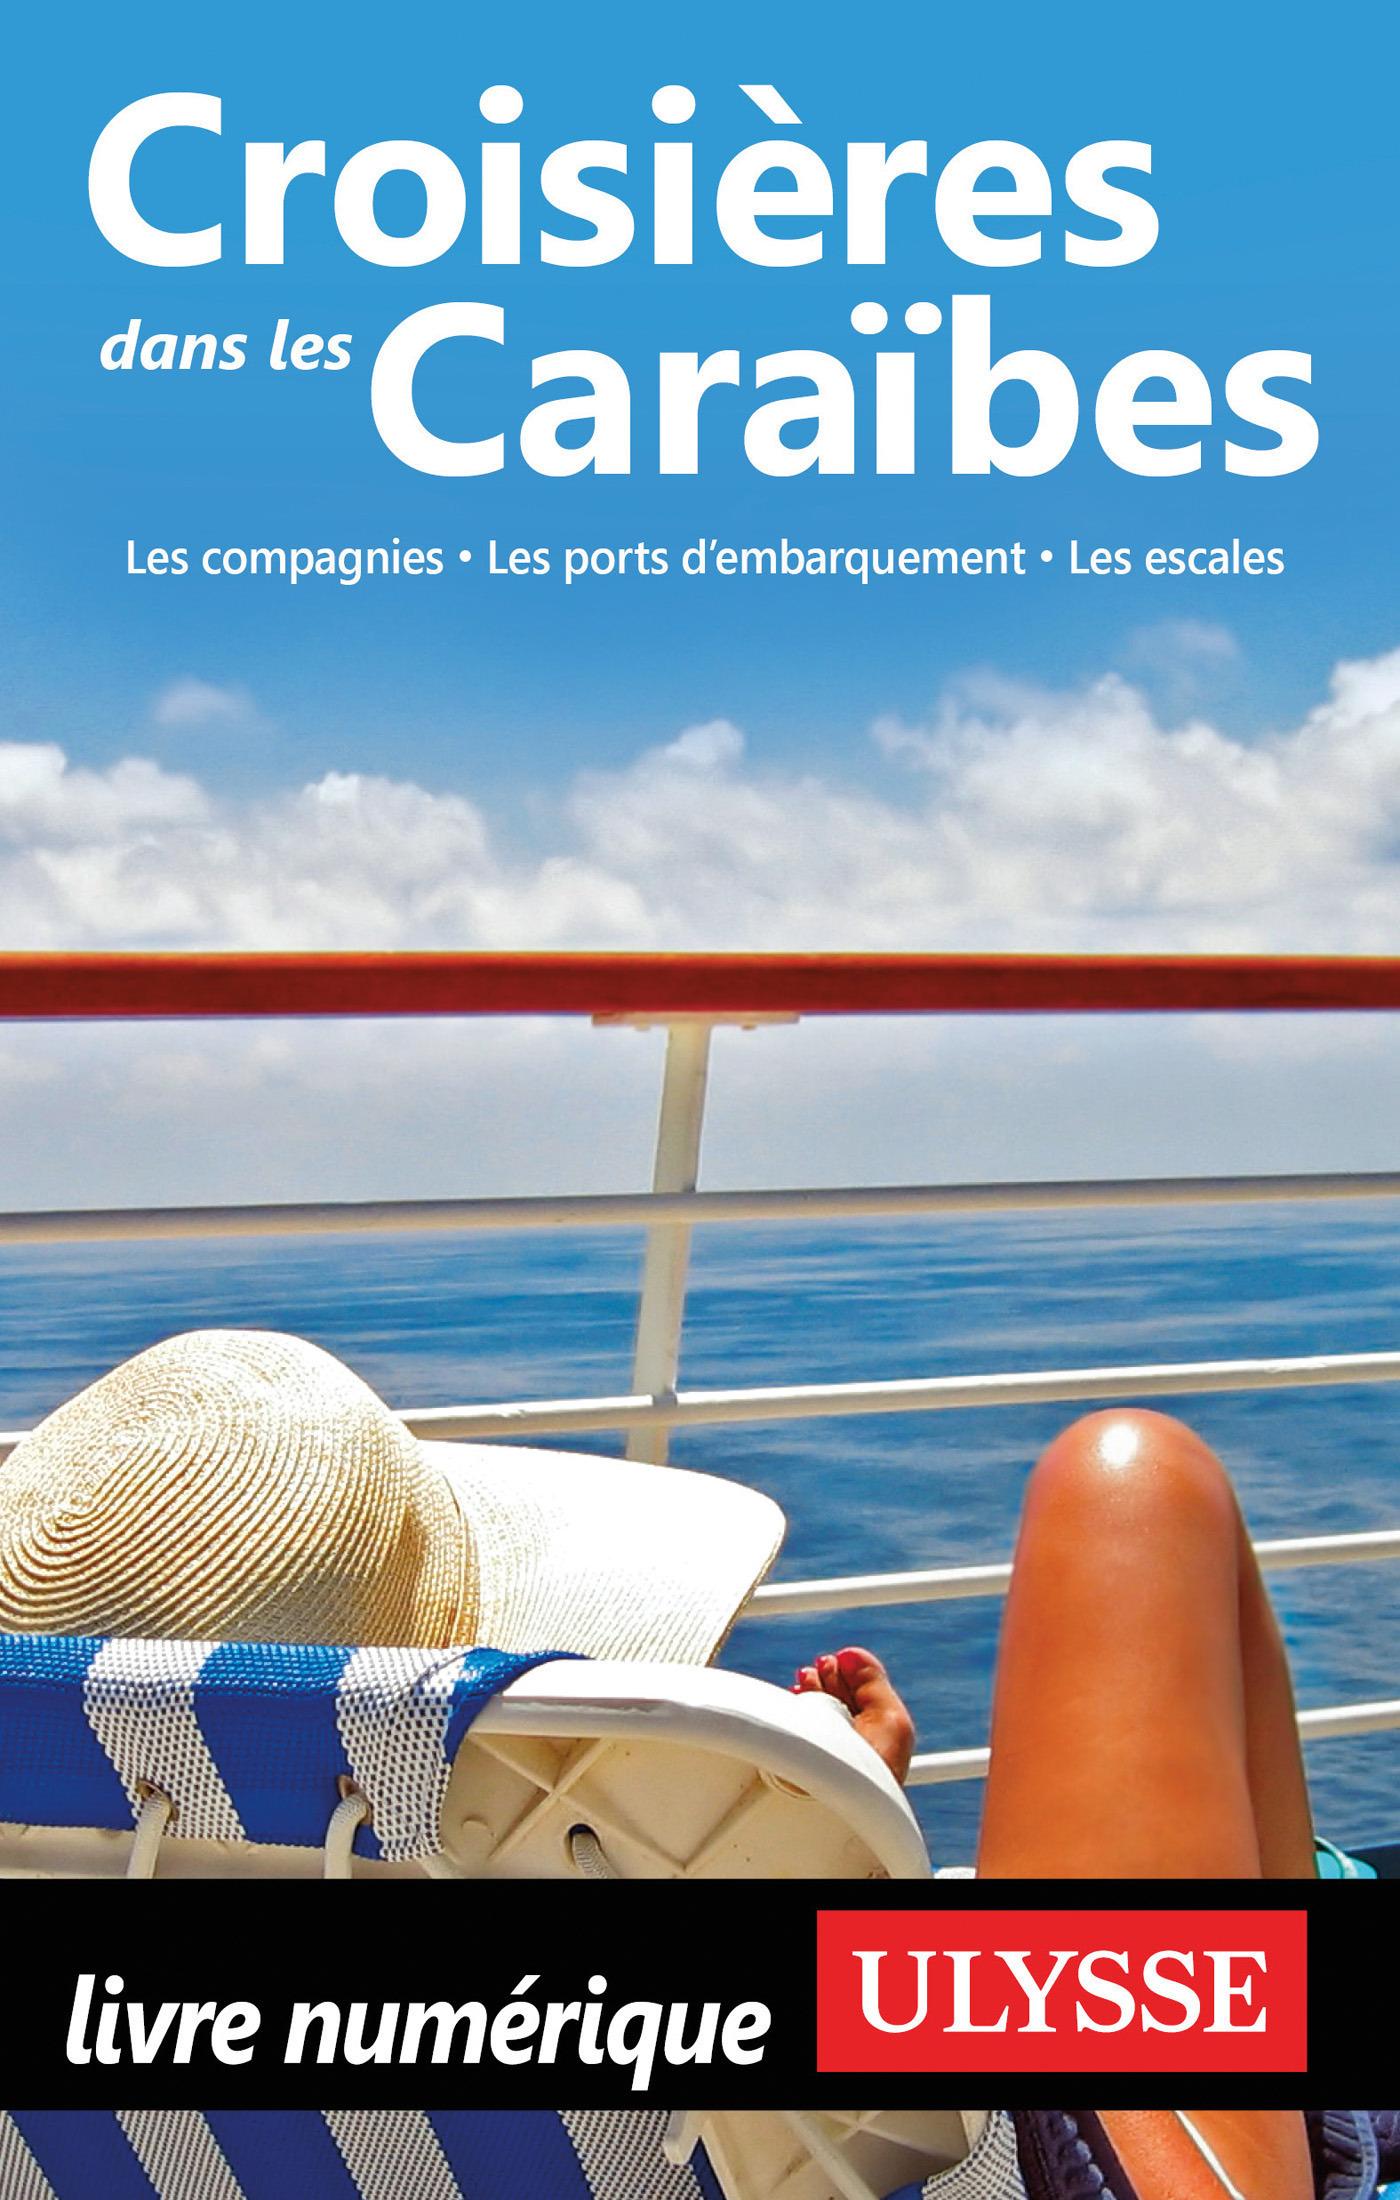 Croisières dans les Caraïbes - 5ème édition